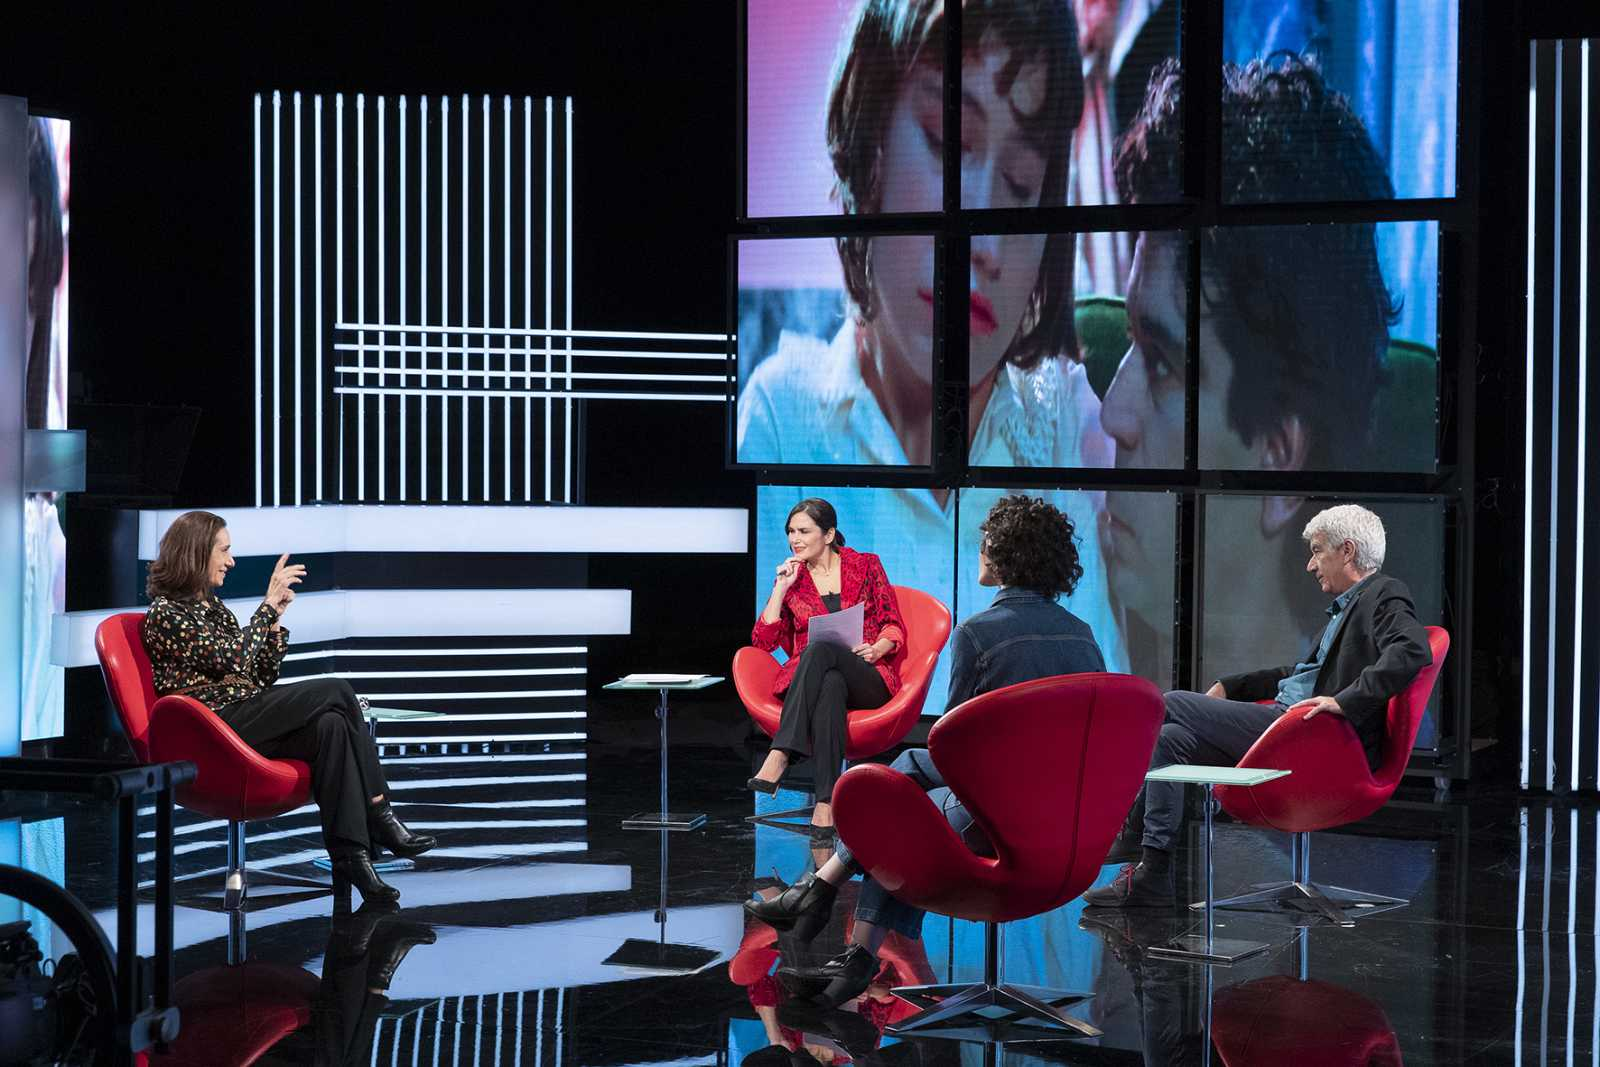 Coloquio sobre 'Las edades de Lulú' en HNC, con Oscar Ladoire y Rosana Pastor